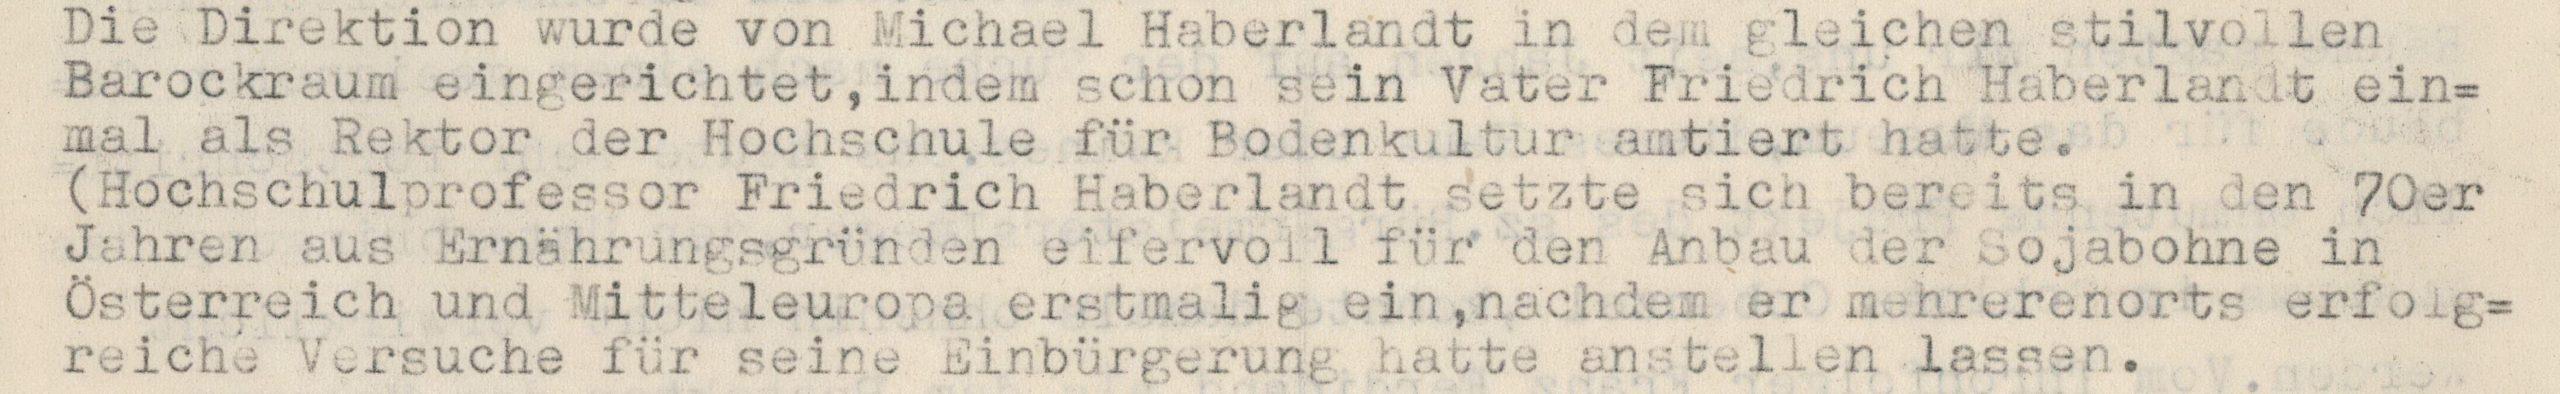 """Auf diesen Scans der Schriftstücke aus dem Archiv des Volkskundemuseum Wien beschreibt Arthur Haberlandt, wie das Museum 1917, mitten im Ersten Weltkrieg, ins Gartenpalais Schönborn einzog. Auf der Rückseite ist zu lesen: """"Die Direktion wurde von Michael Haberlandt in dem gleichen stilvollen Barockraum eingerichtet, indem schon sein Vater Friedrich Haberlandt einmal als Rektor der Hochschule für Bodenkultur amtiert hatte. (Hochschulprofessor Friedrich Haberlandt setzte sich bereits in den 70er Jahren aus Ernährungsgründen eifervoll für den Anbau der Sojabohne in Österreich und Mitteleuropa erstmalig ein, nachdem er mehrerenorts erfolgreiche Versuche für seine Einbürgerung hatte anstellen lassen."""""""